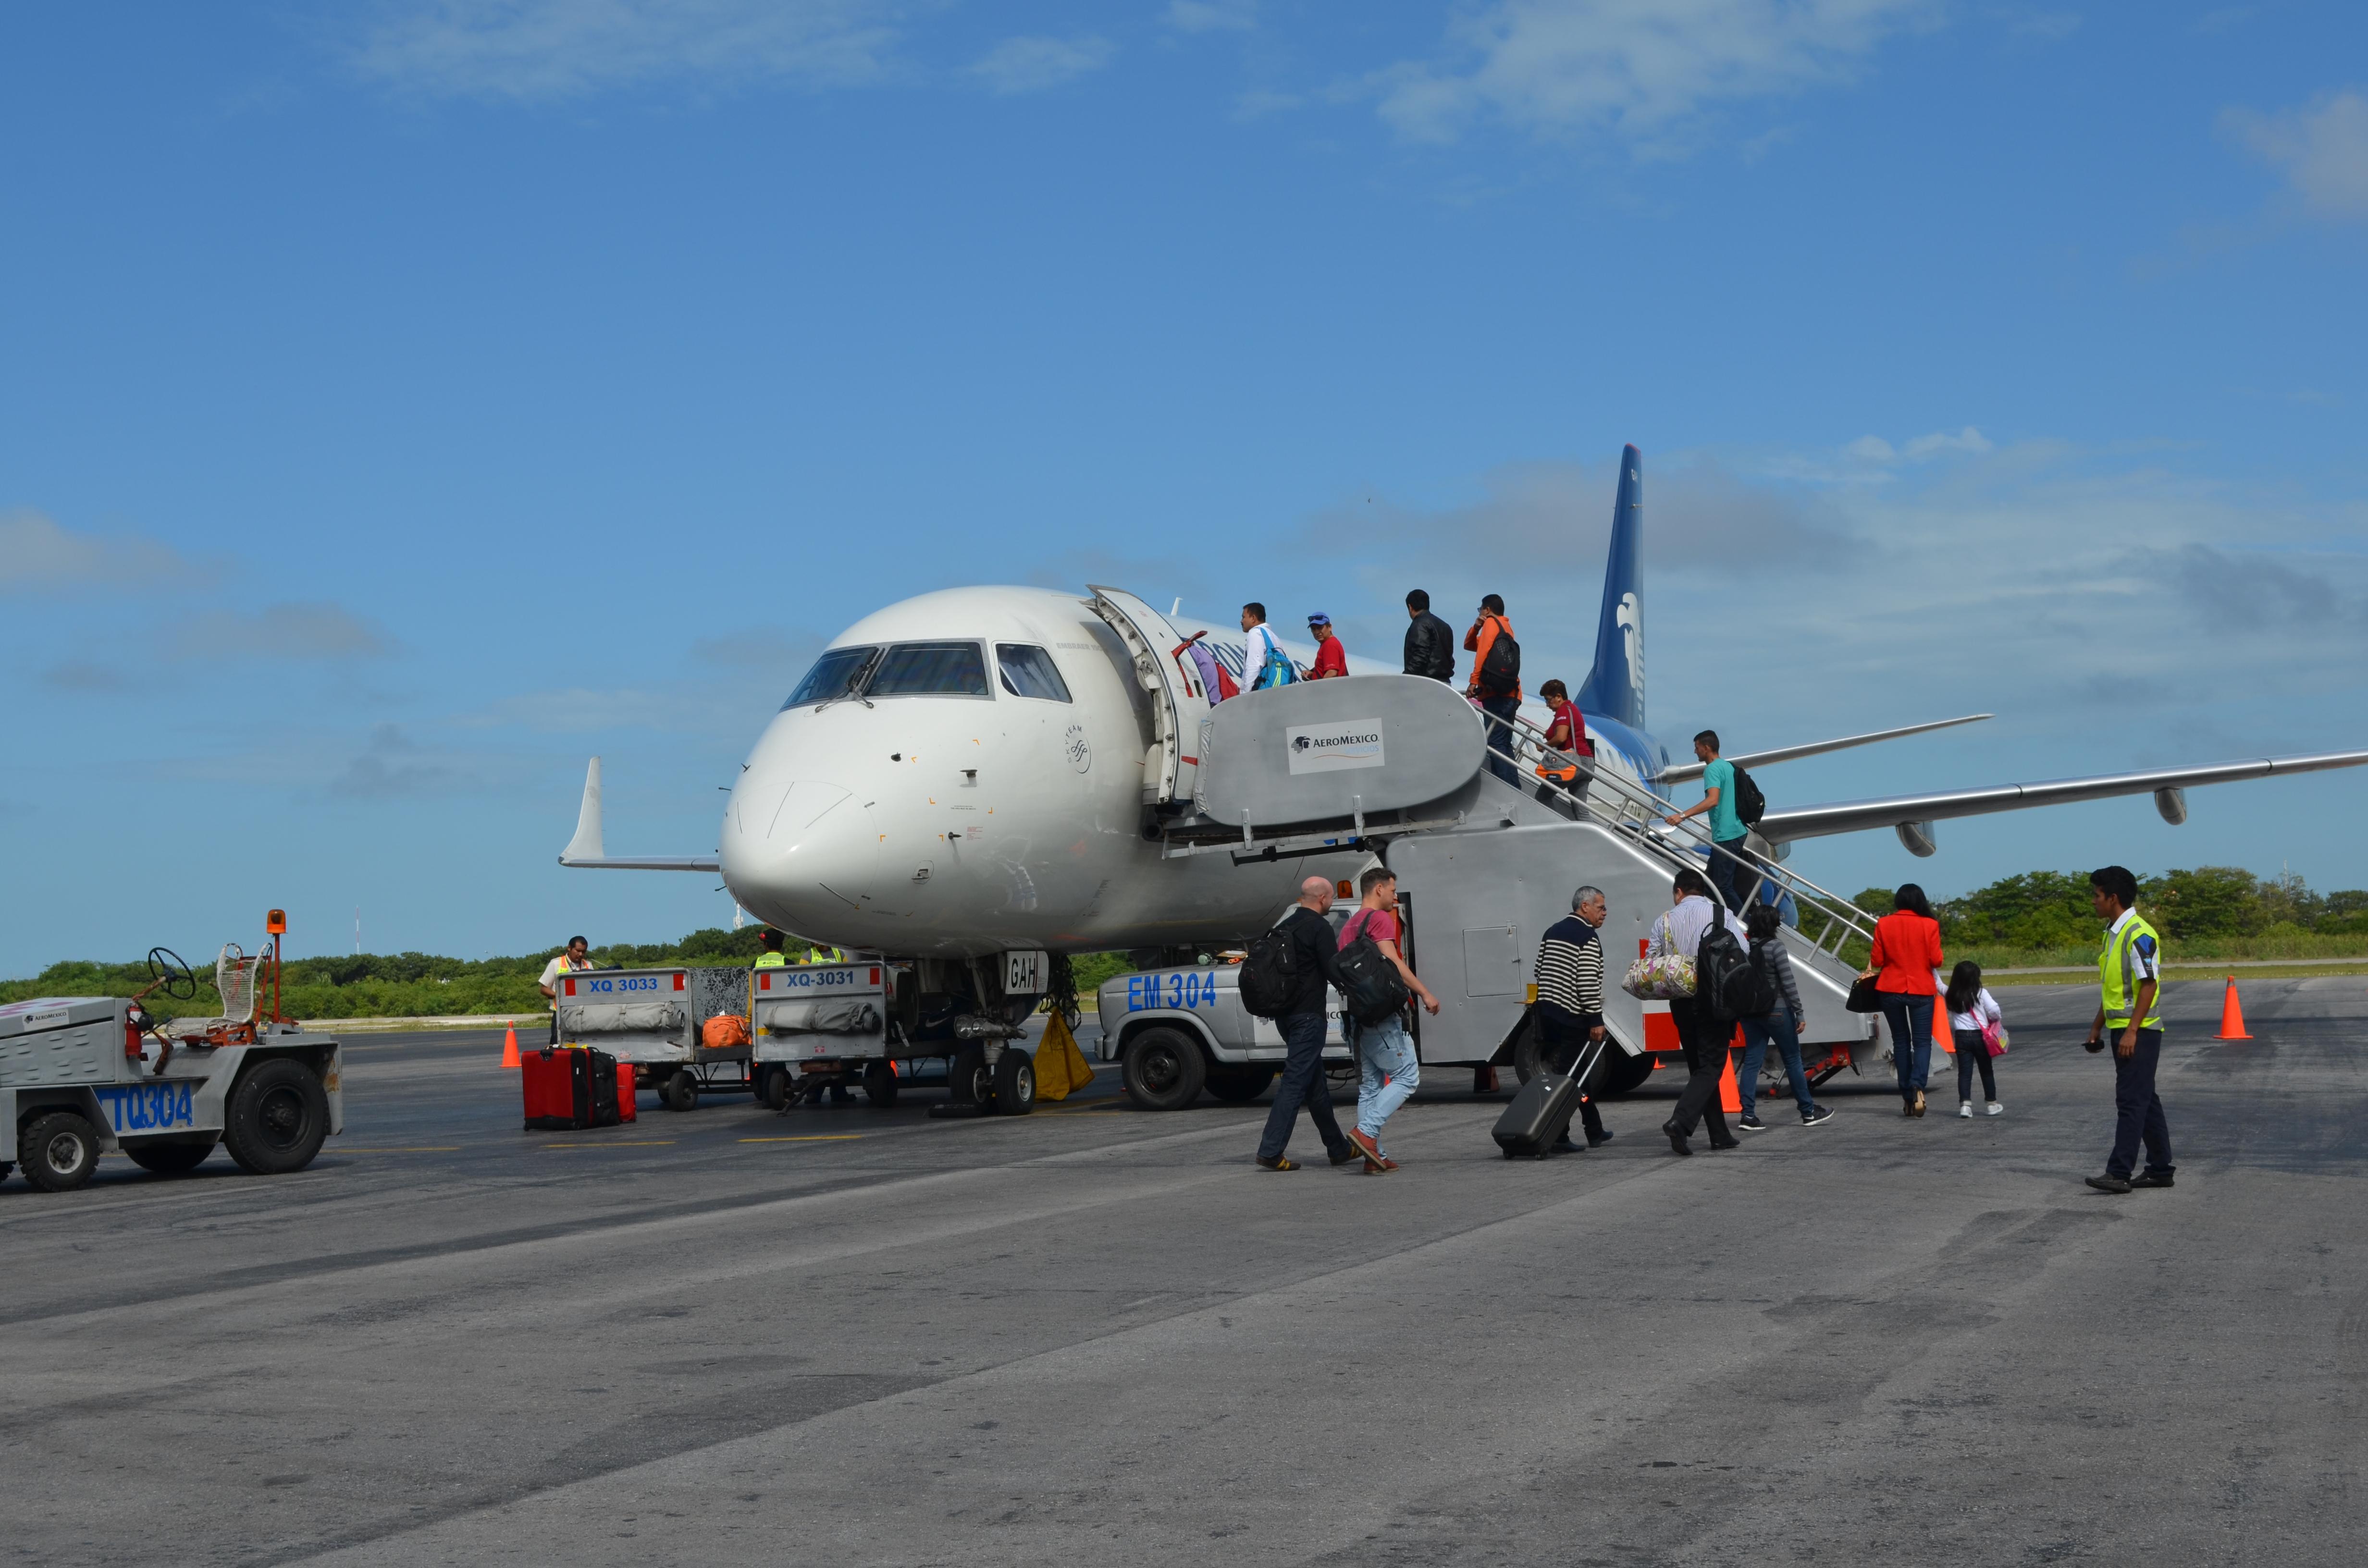 Pasajeros abordando el avión en el Aeropuerto Cd. del Carmen